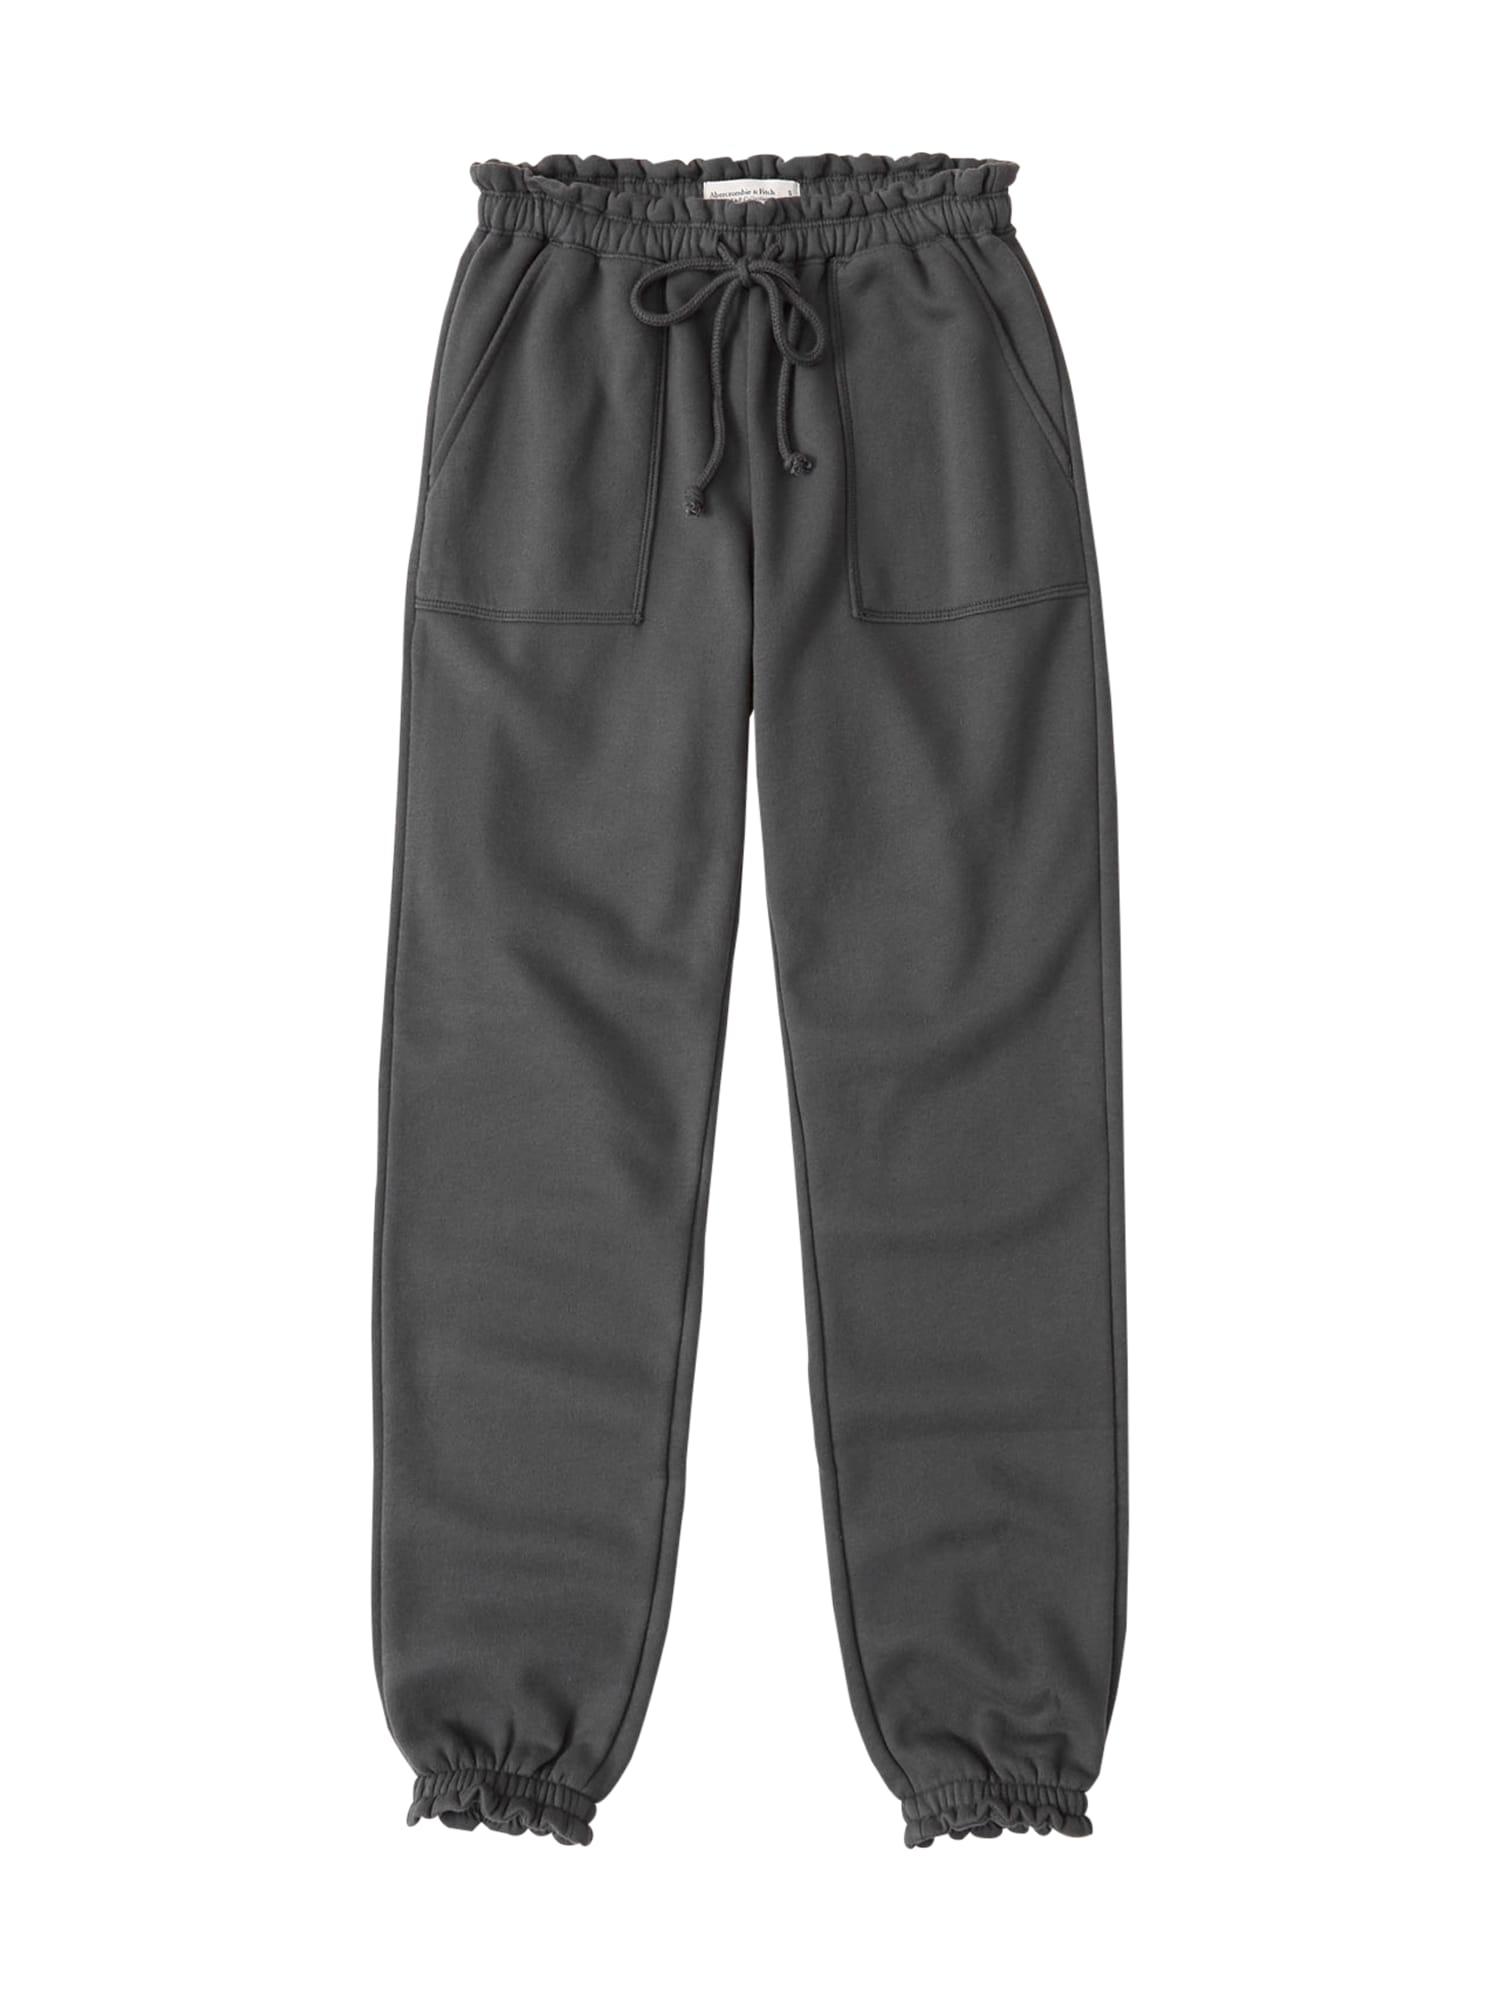 Abercrombie & Fitch Kelnės 'Webex Ruffle' pilka